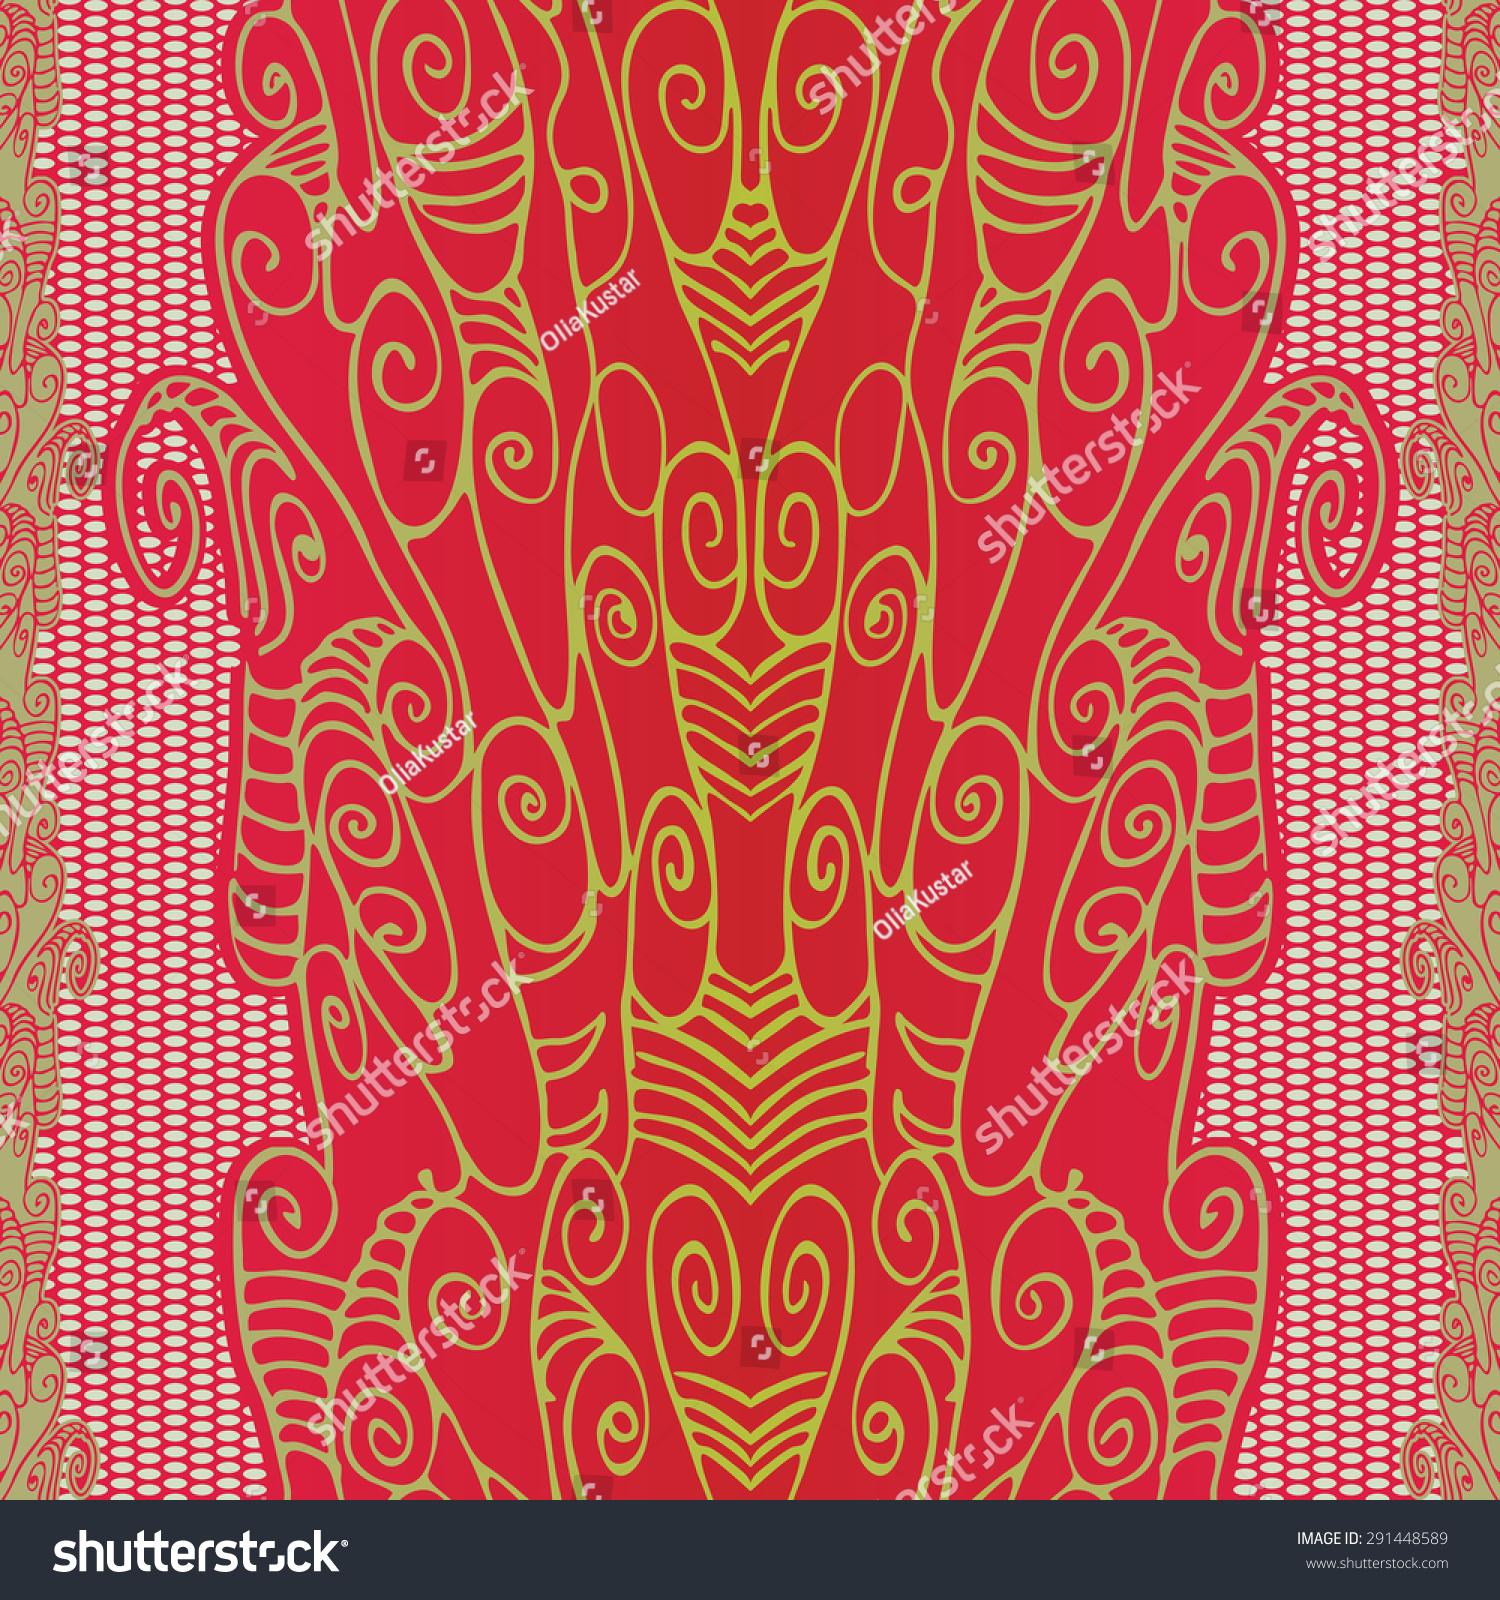 花边无缝模式网格.抽象的线条画螺旋-背景/素材,抽象